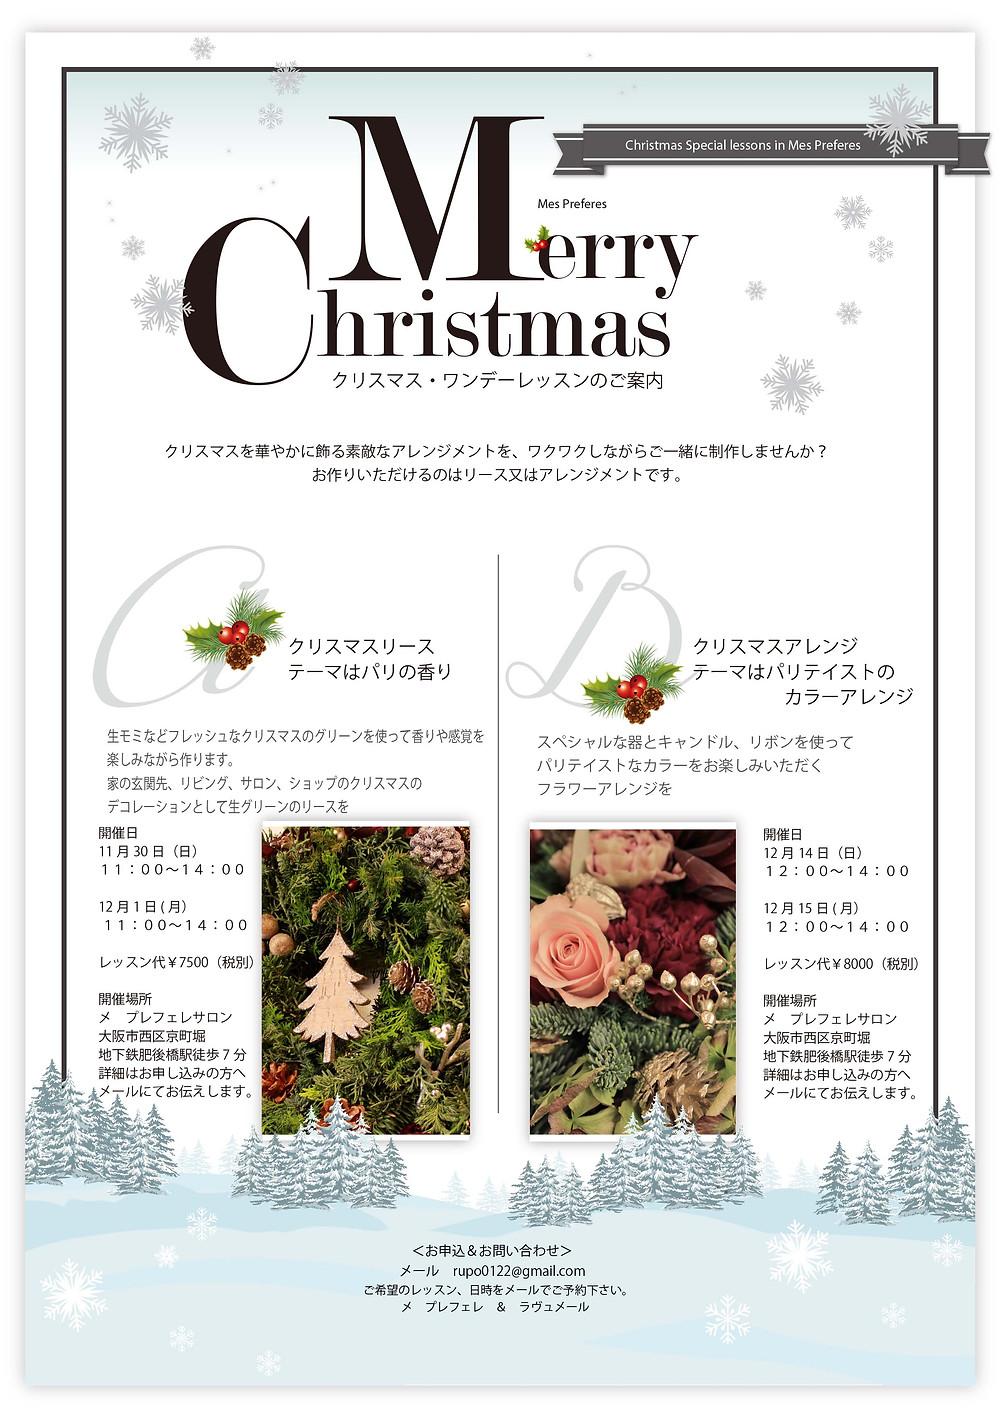 img_Christmas 裏のコピー.jpg